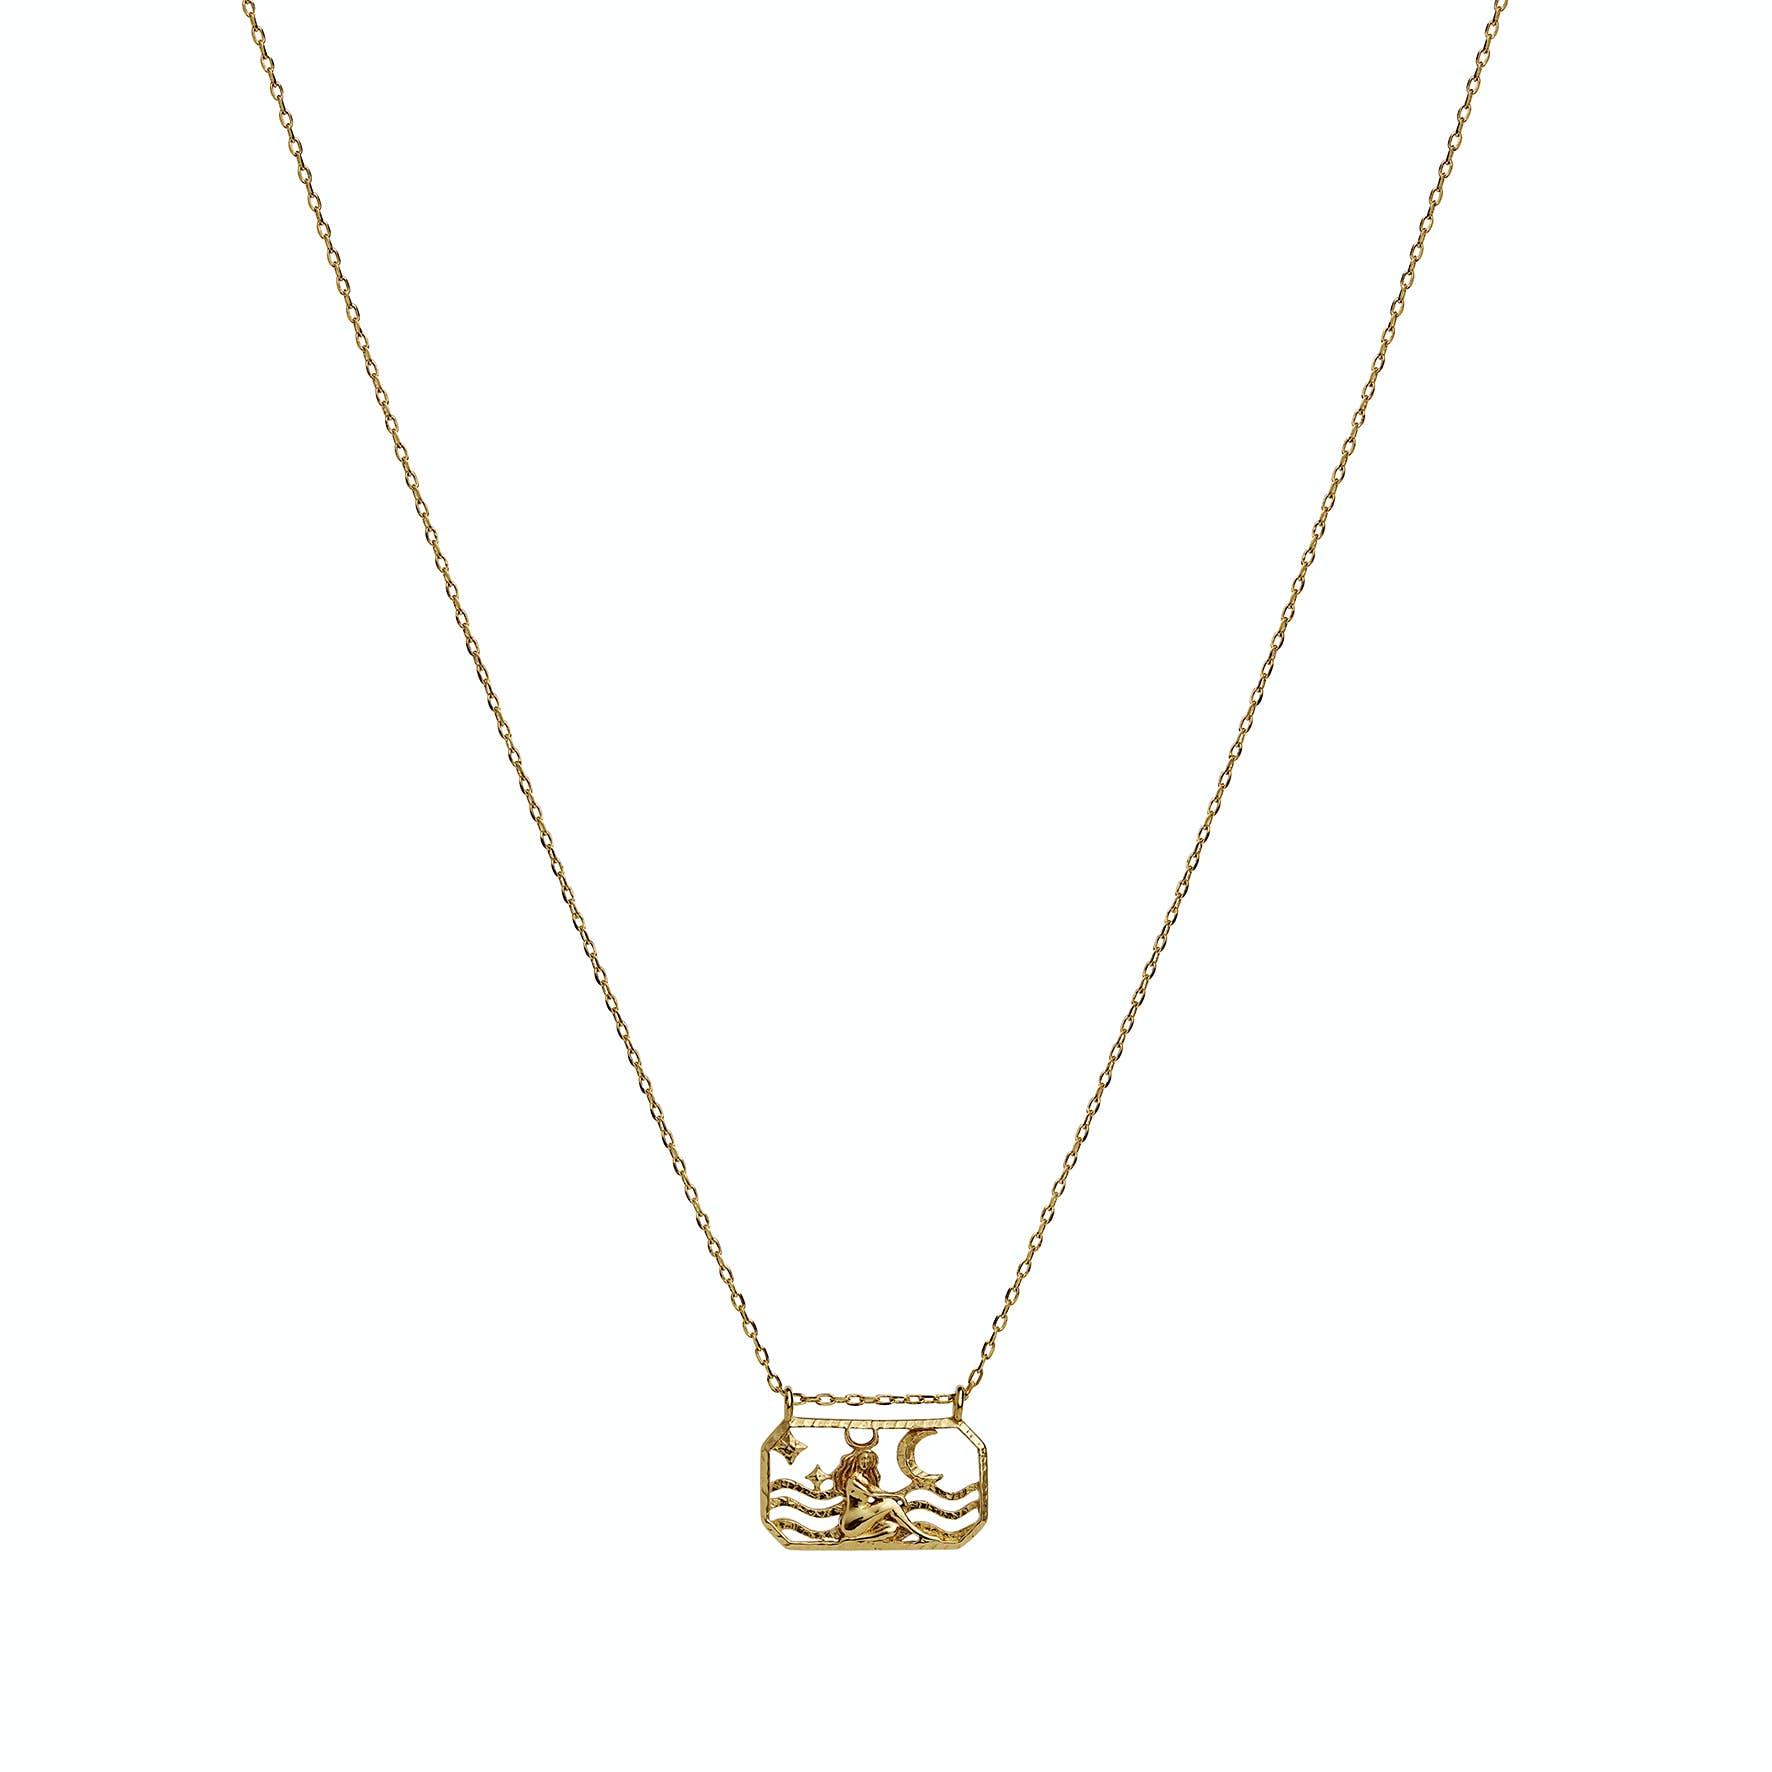 Zodiac Taurus Necklace (Apr 20 - May 21) von Maanesten in Vergoldet-Silber Sterling 925